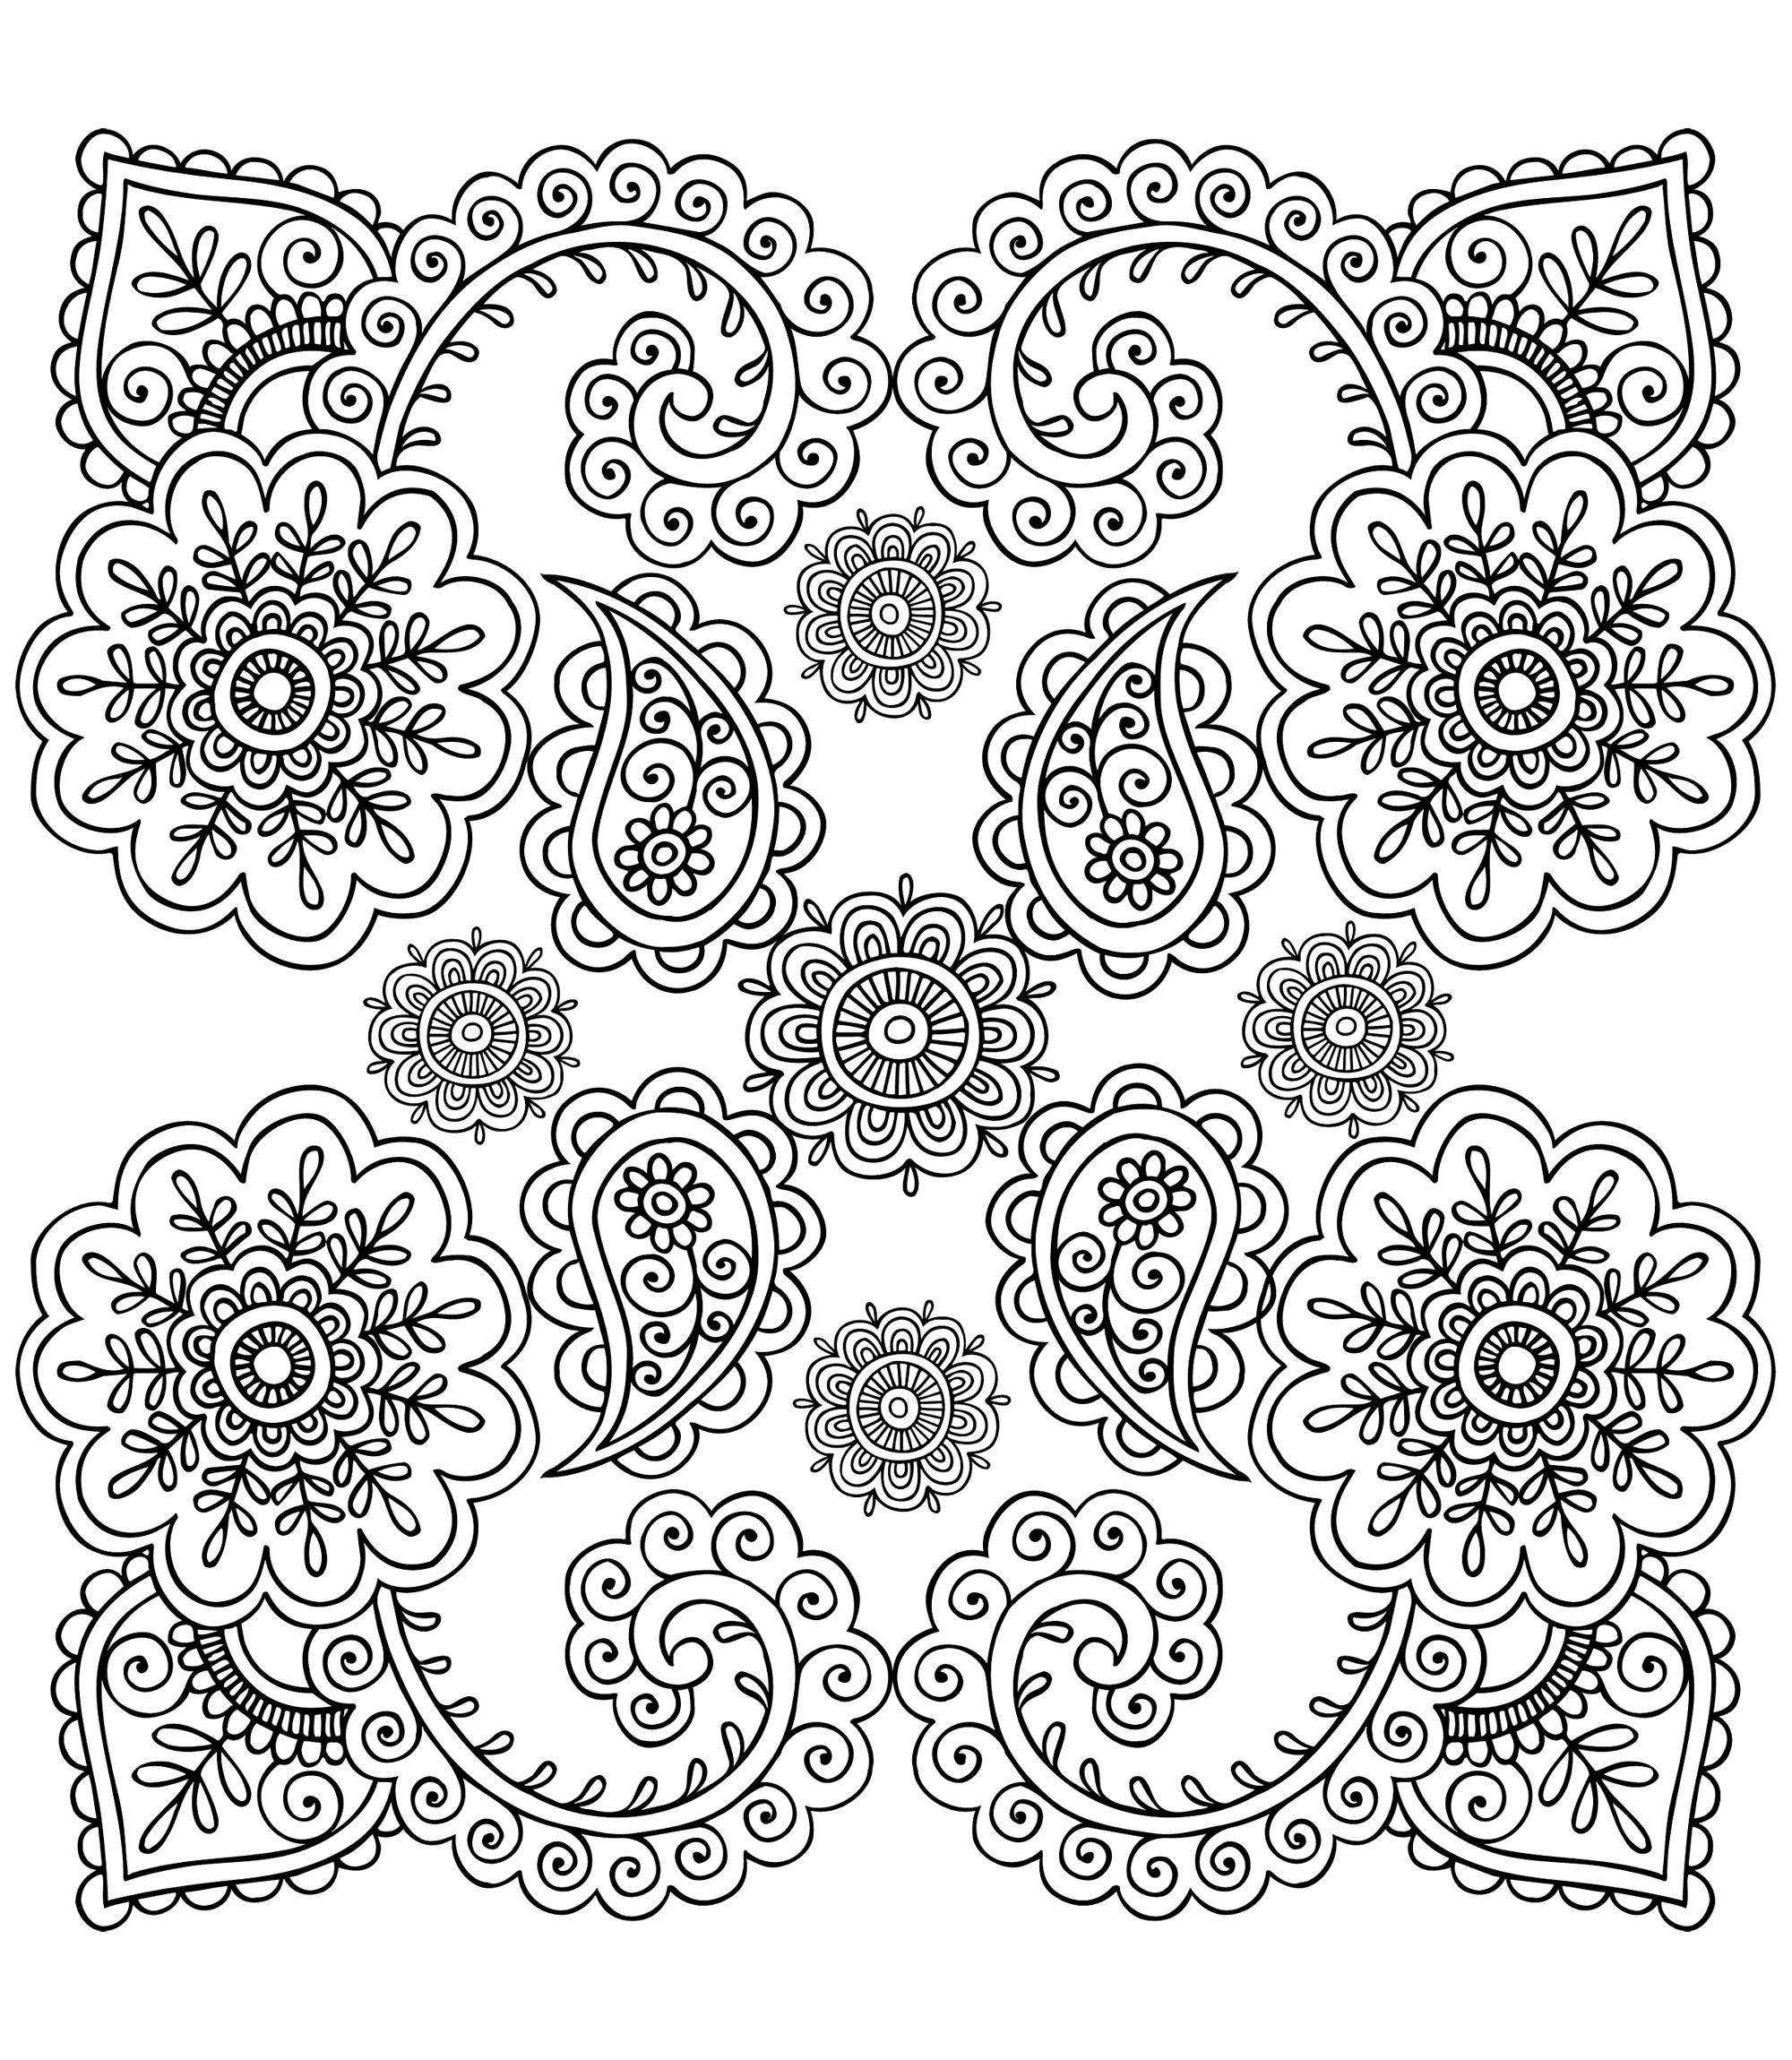 Colorear para adultos : Anti-stress / Zen - 35